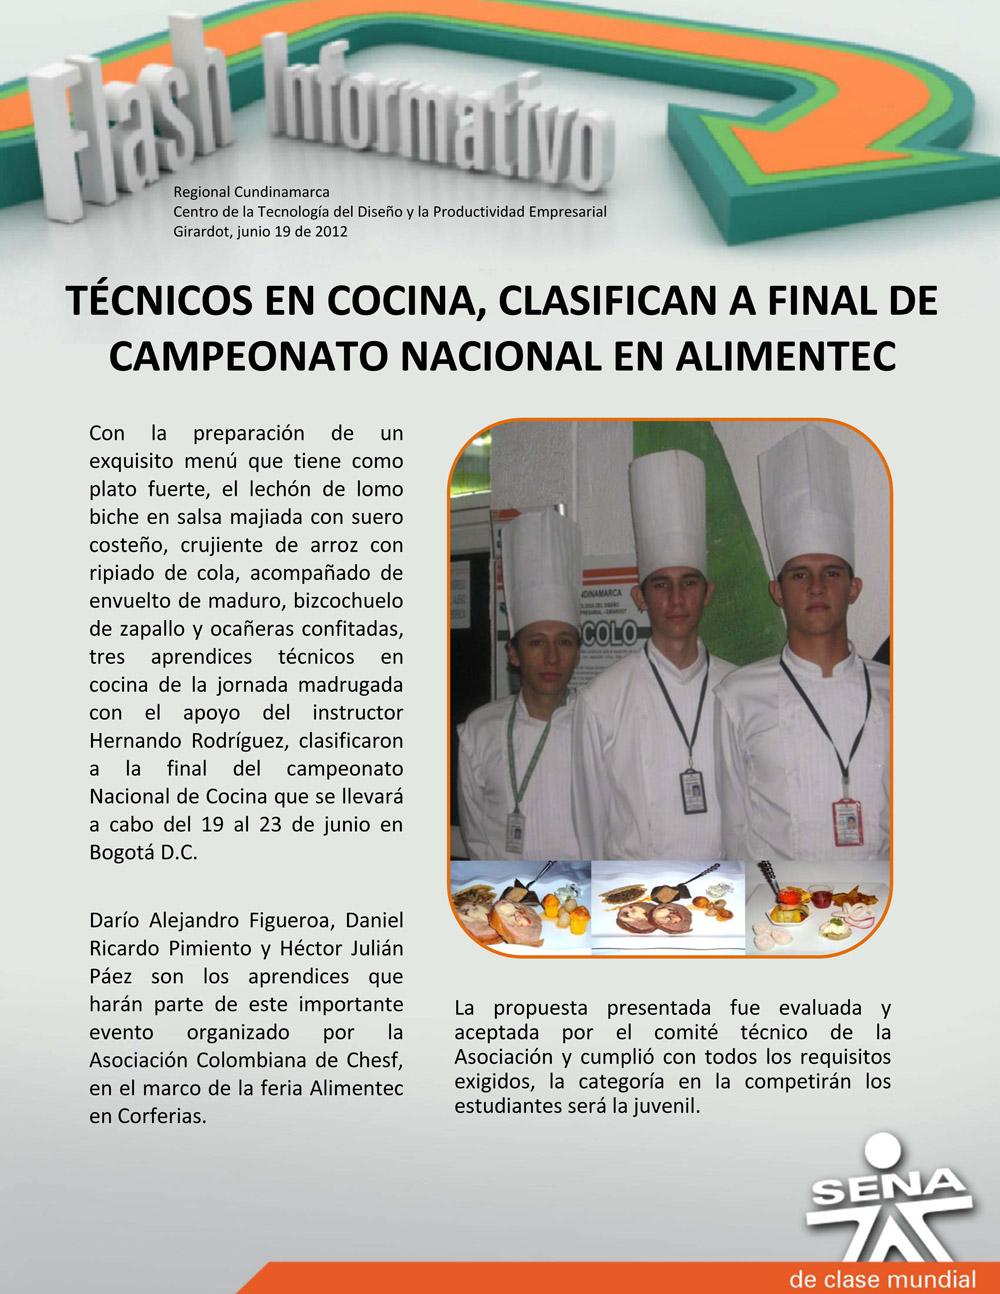 Centro de la tecnolog a del dise o y la productividad - Tecnico en cocina y gastronomia ...